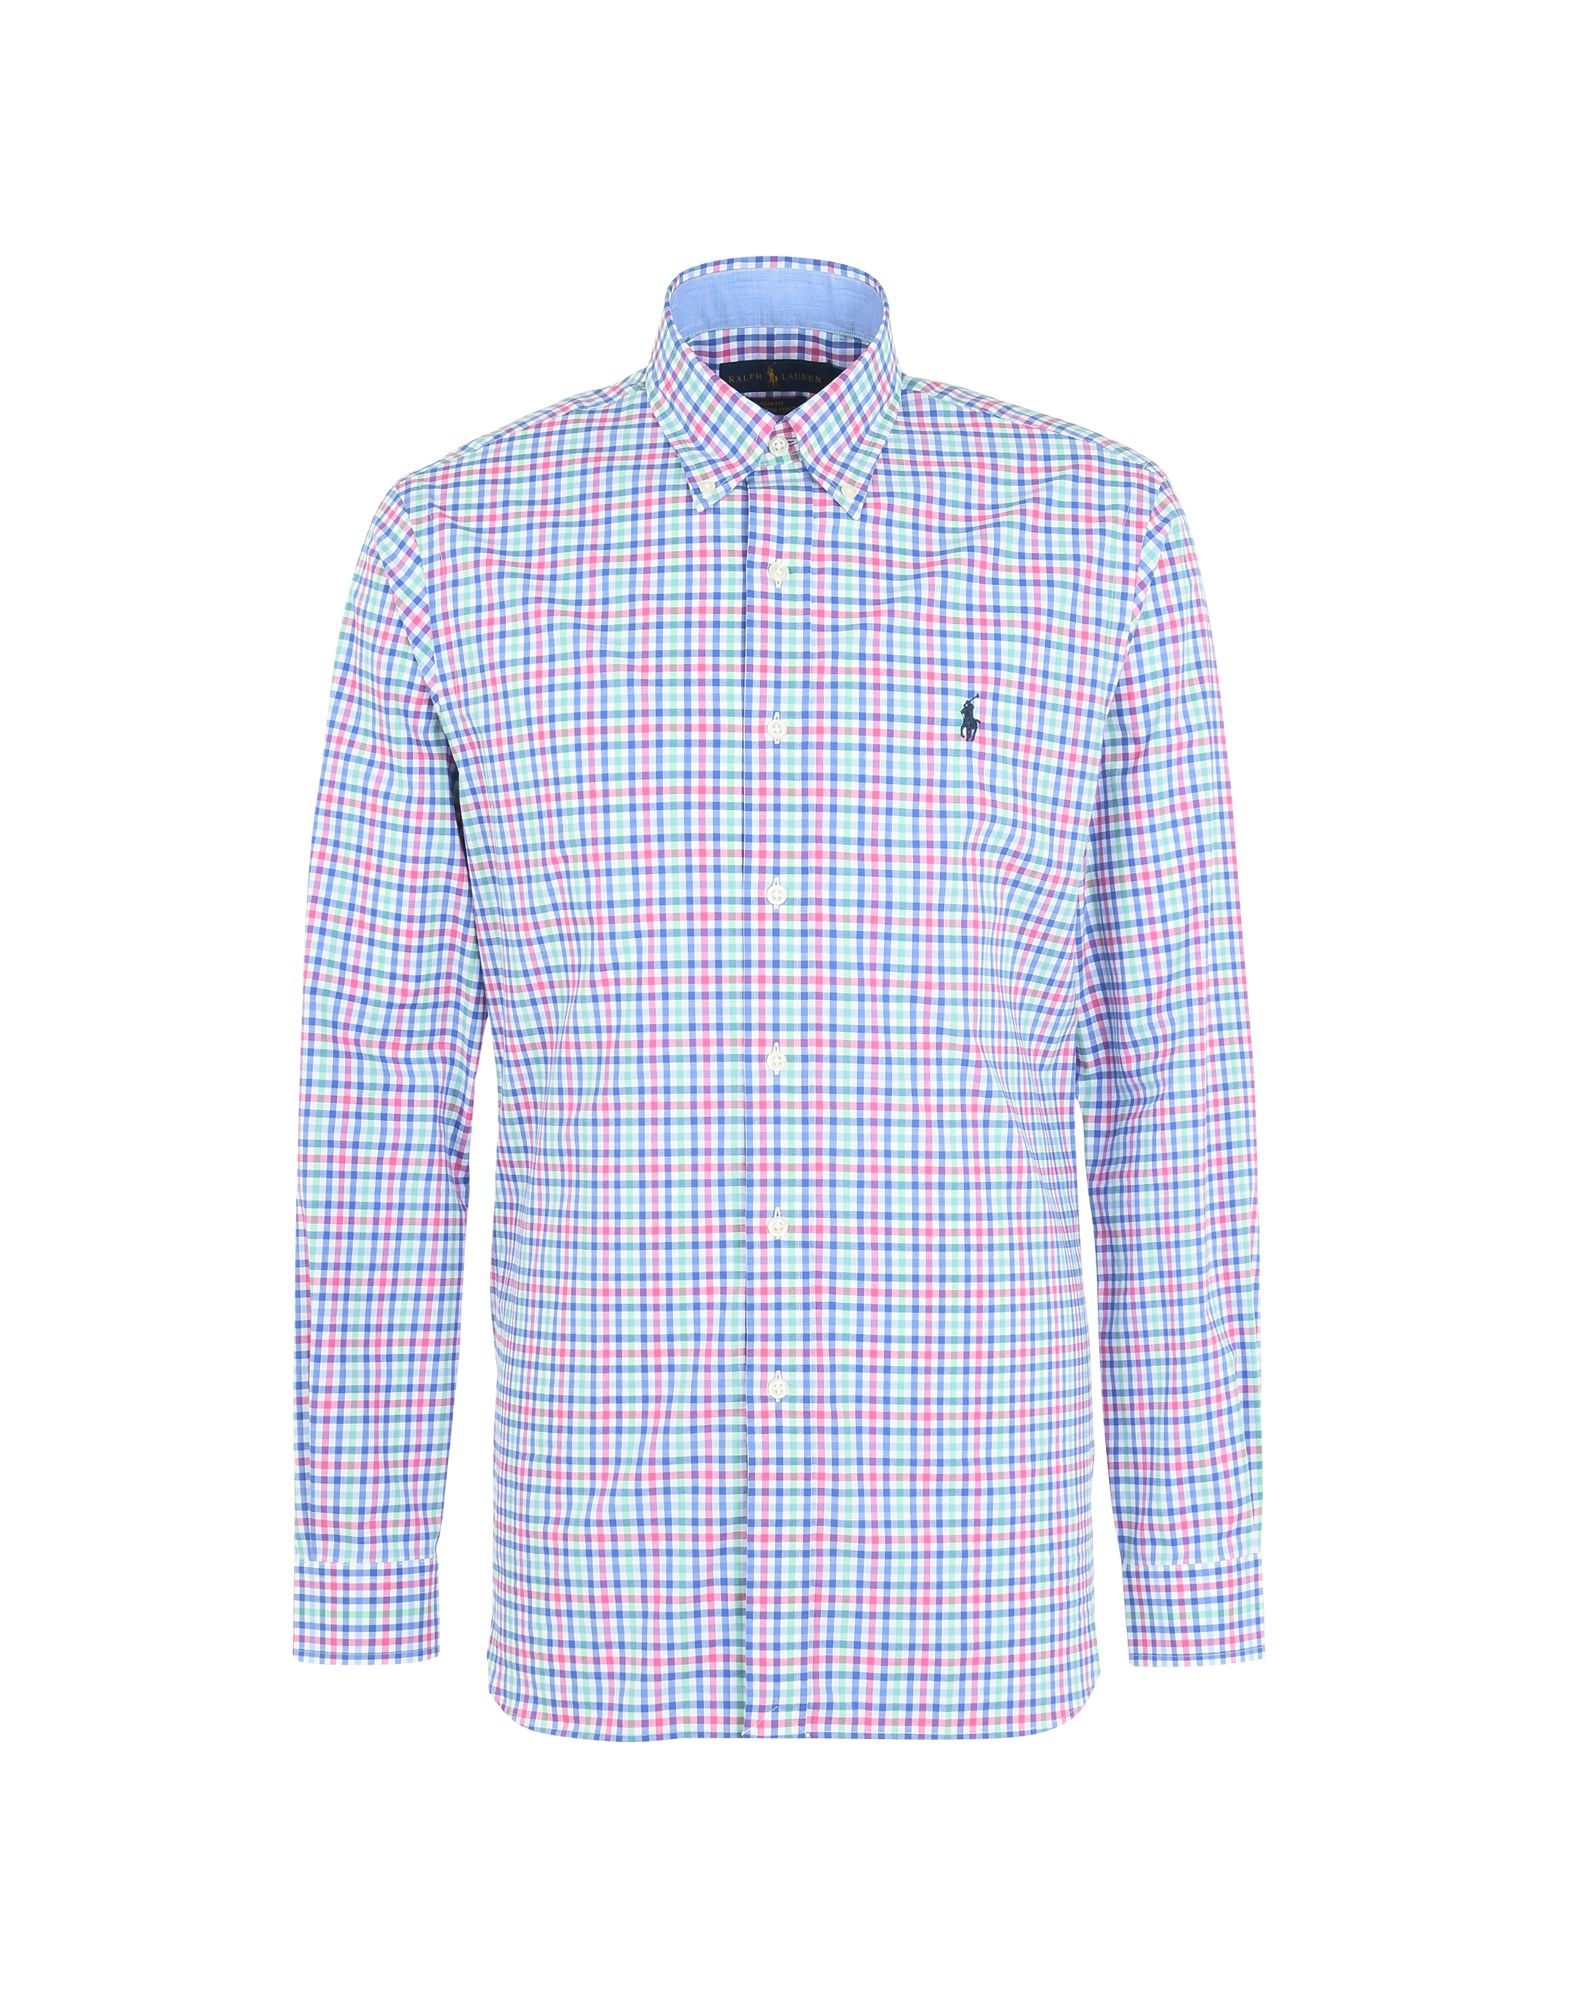 Camicia A Quadri Polo Ralph Lauren Slim Fit Poplin Shirt - Uomo - Acquista online su